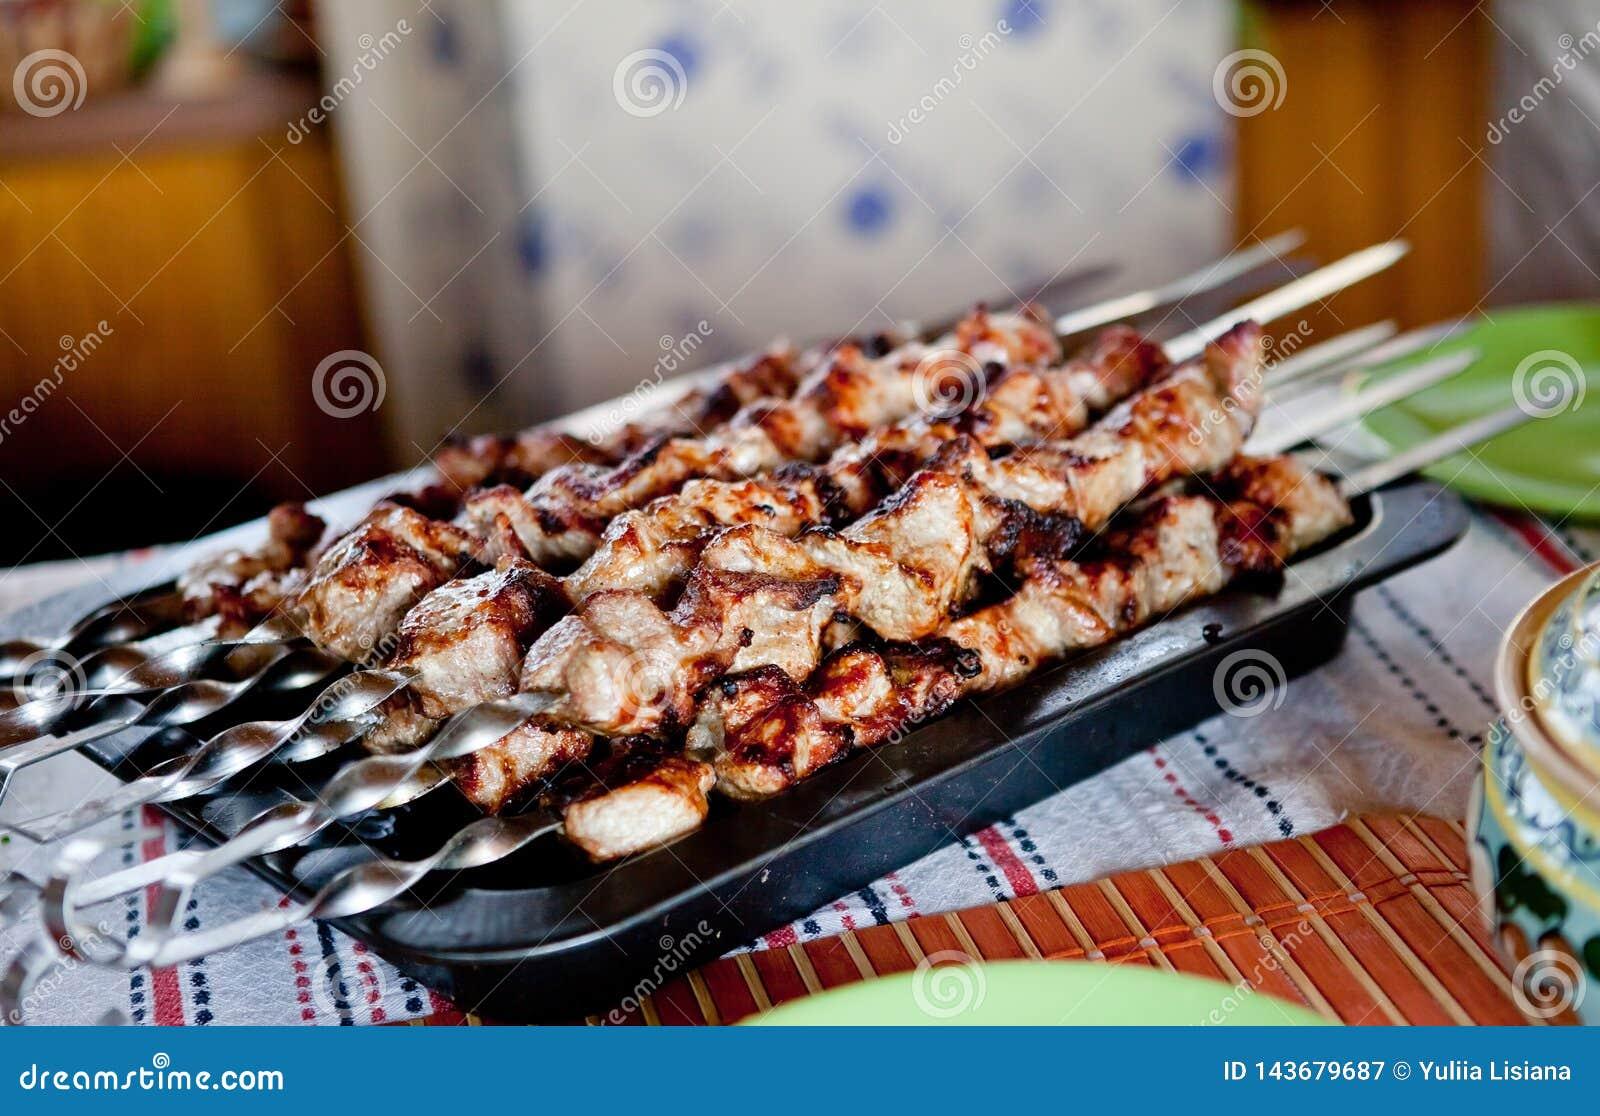 Shish kebab na skewers z cebulami